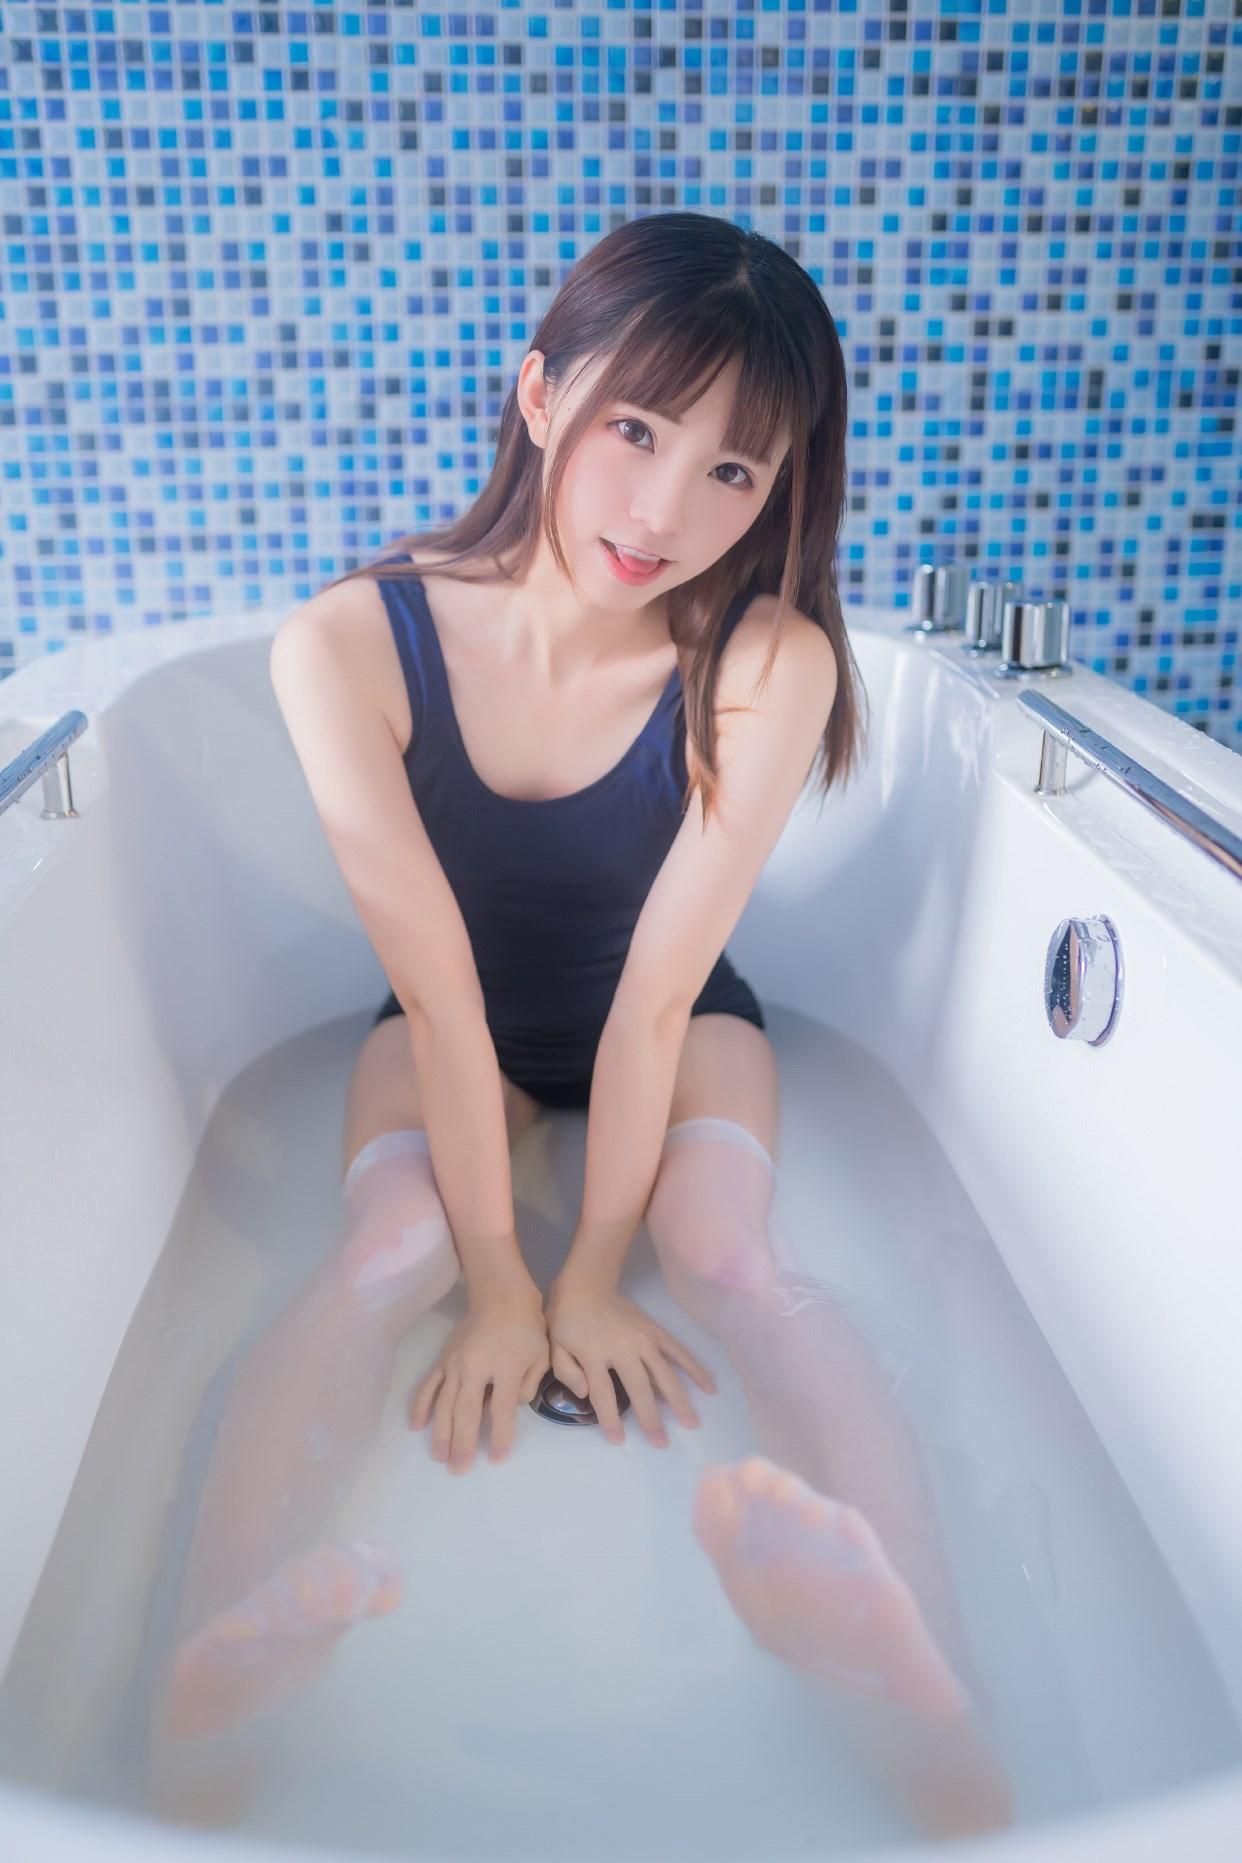 【兔玩映画】vol.18-浴室里 兔玩映画 第40张